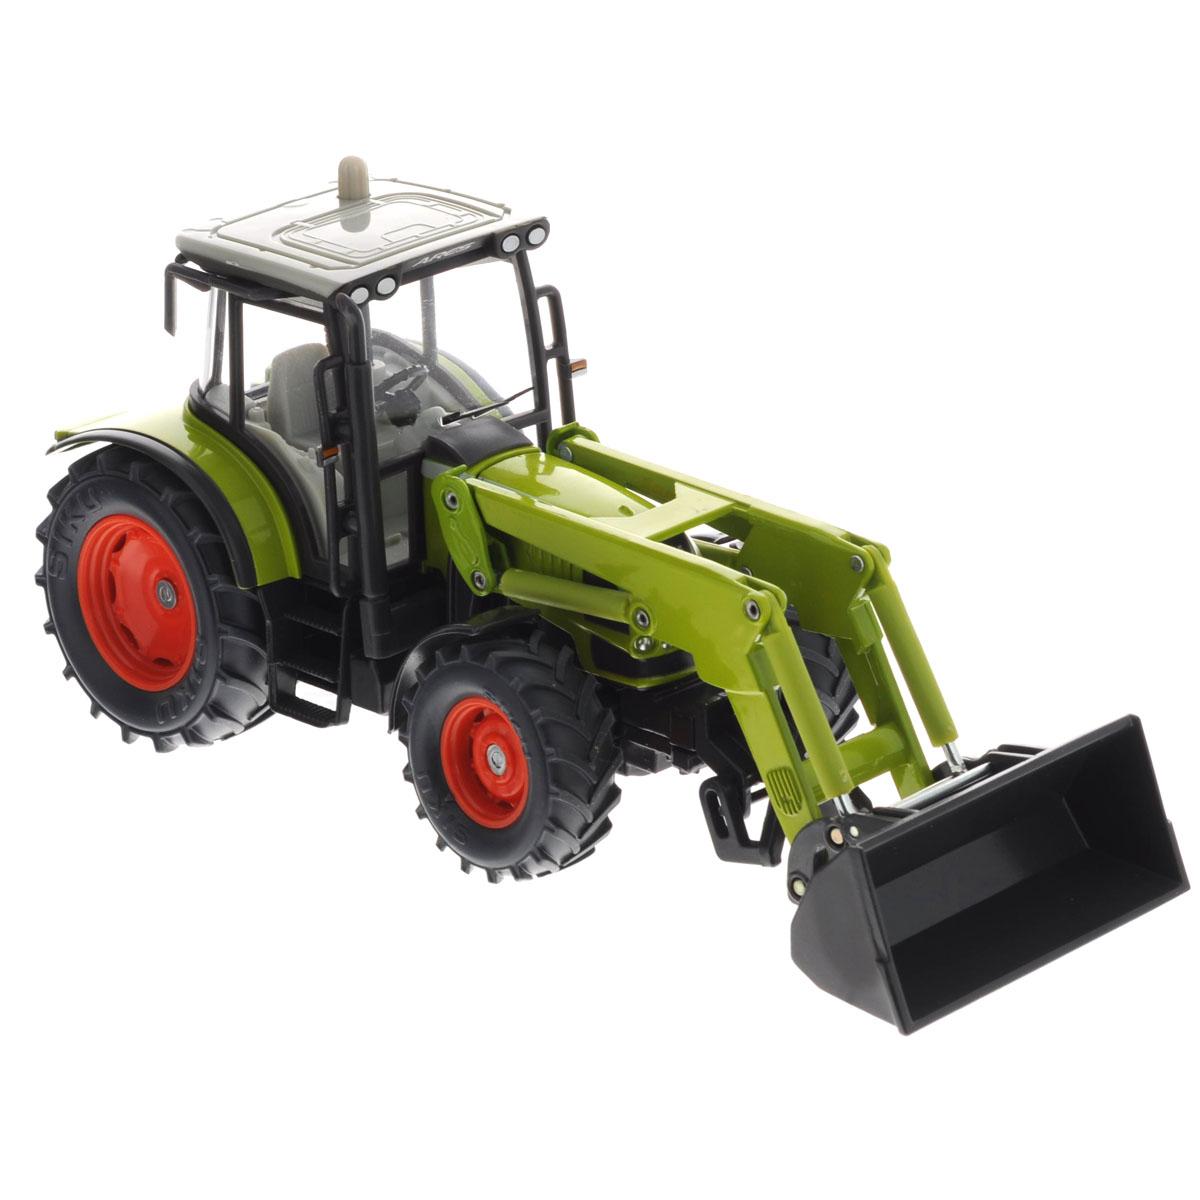 Siku Трактор с фронтальным погрузчиком Claas Ares3656Игрушечная модель фронтальный погрузчик CLAAS, корпус трактора выполнен из металла, кабина трактора из пластмассы, стёкла из прозрачной пластмассы, колёса трактора выполнены из резины, можно катать. Зеркала заднего вида складываются. Передние колёса поворачиваются. Стрела и ковш поднимаются и опускаются. Трактор оборудован сцепным устройством совместимым с прицепами и навесным оборудованием SIKU FARMER масштаба 1:32. Вместо ковша на стрелу можно установить дополнительное оборудование из набора SIKU 7070.